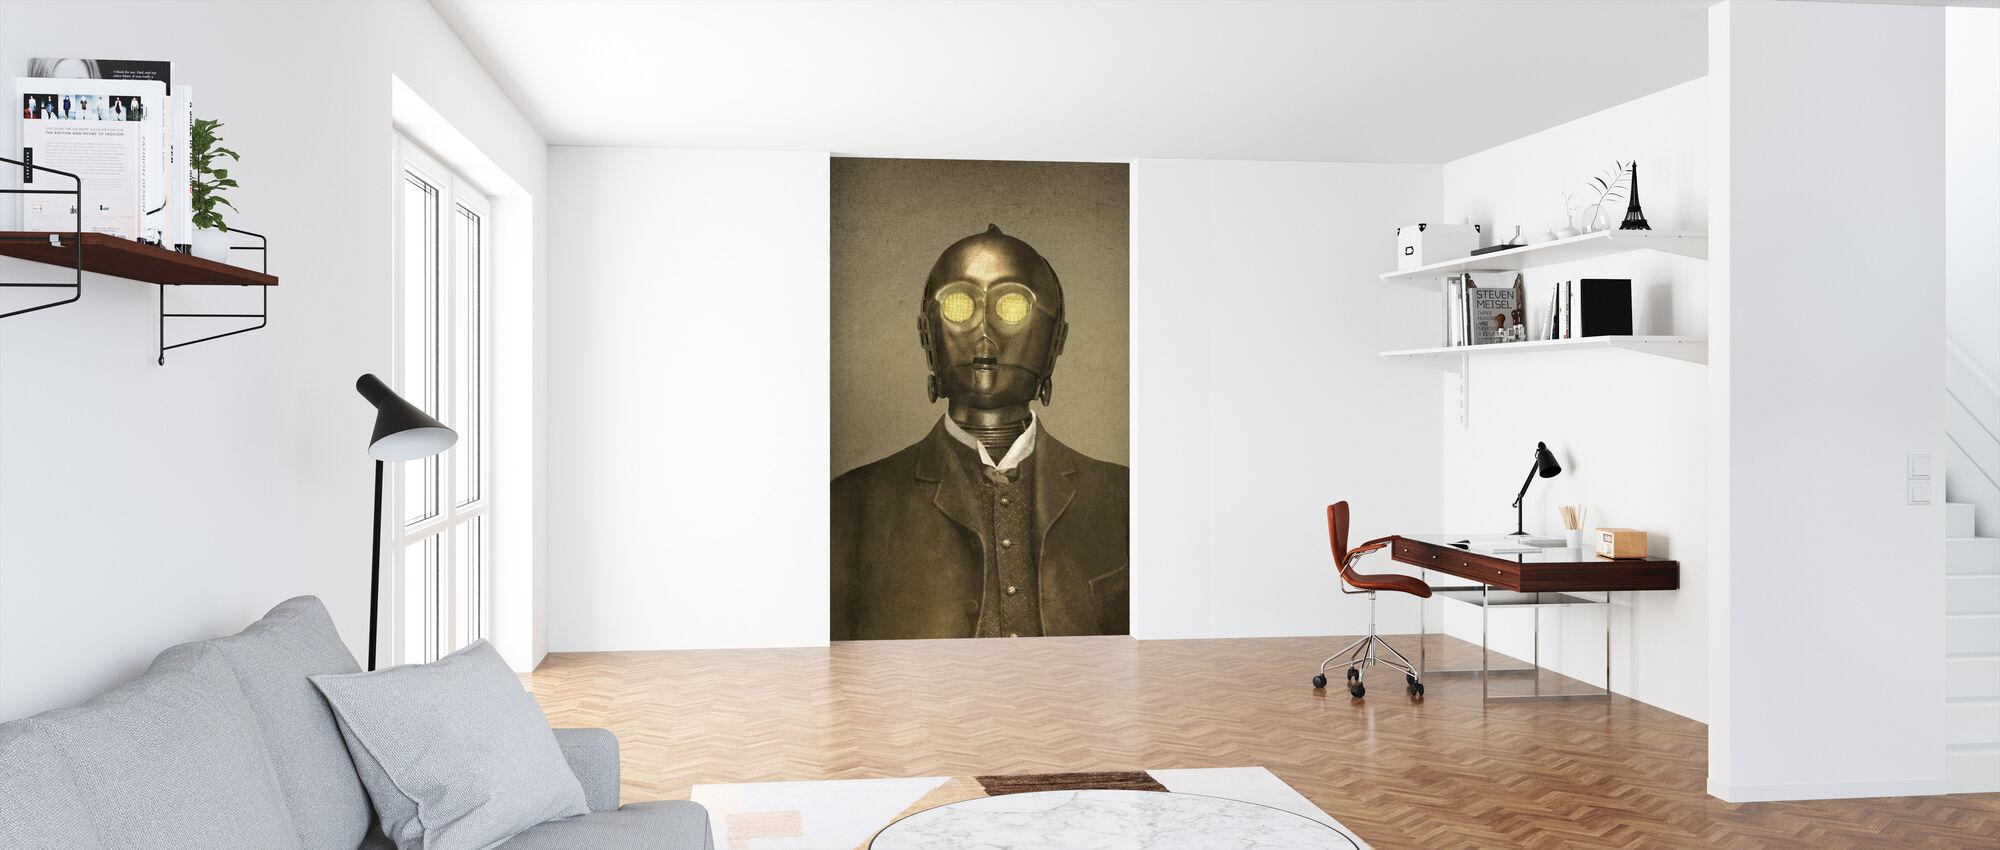 Victorian Wars Baron Von 3PO - Wallpaper - Office